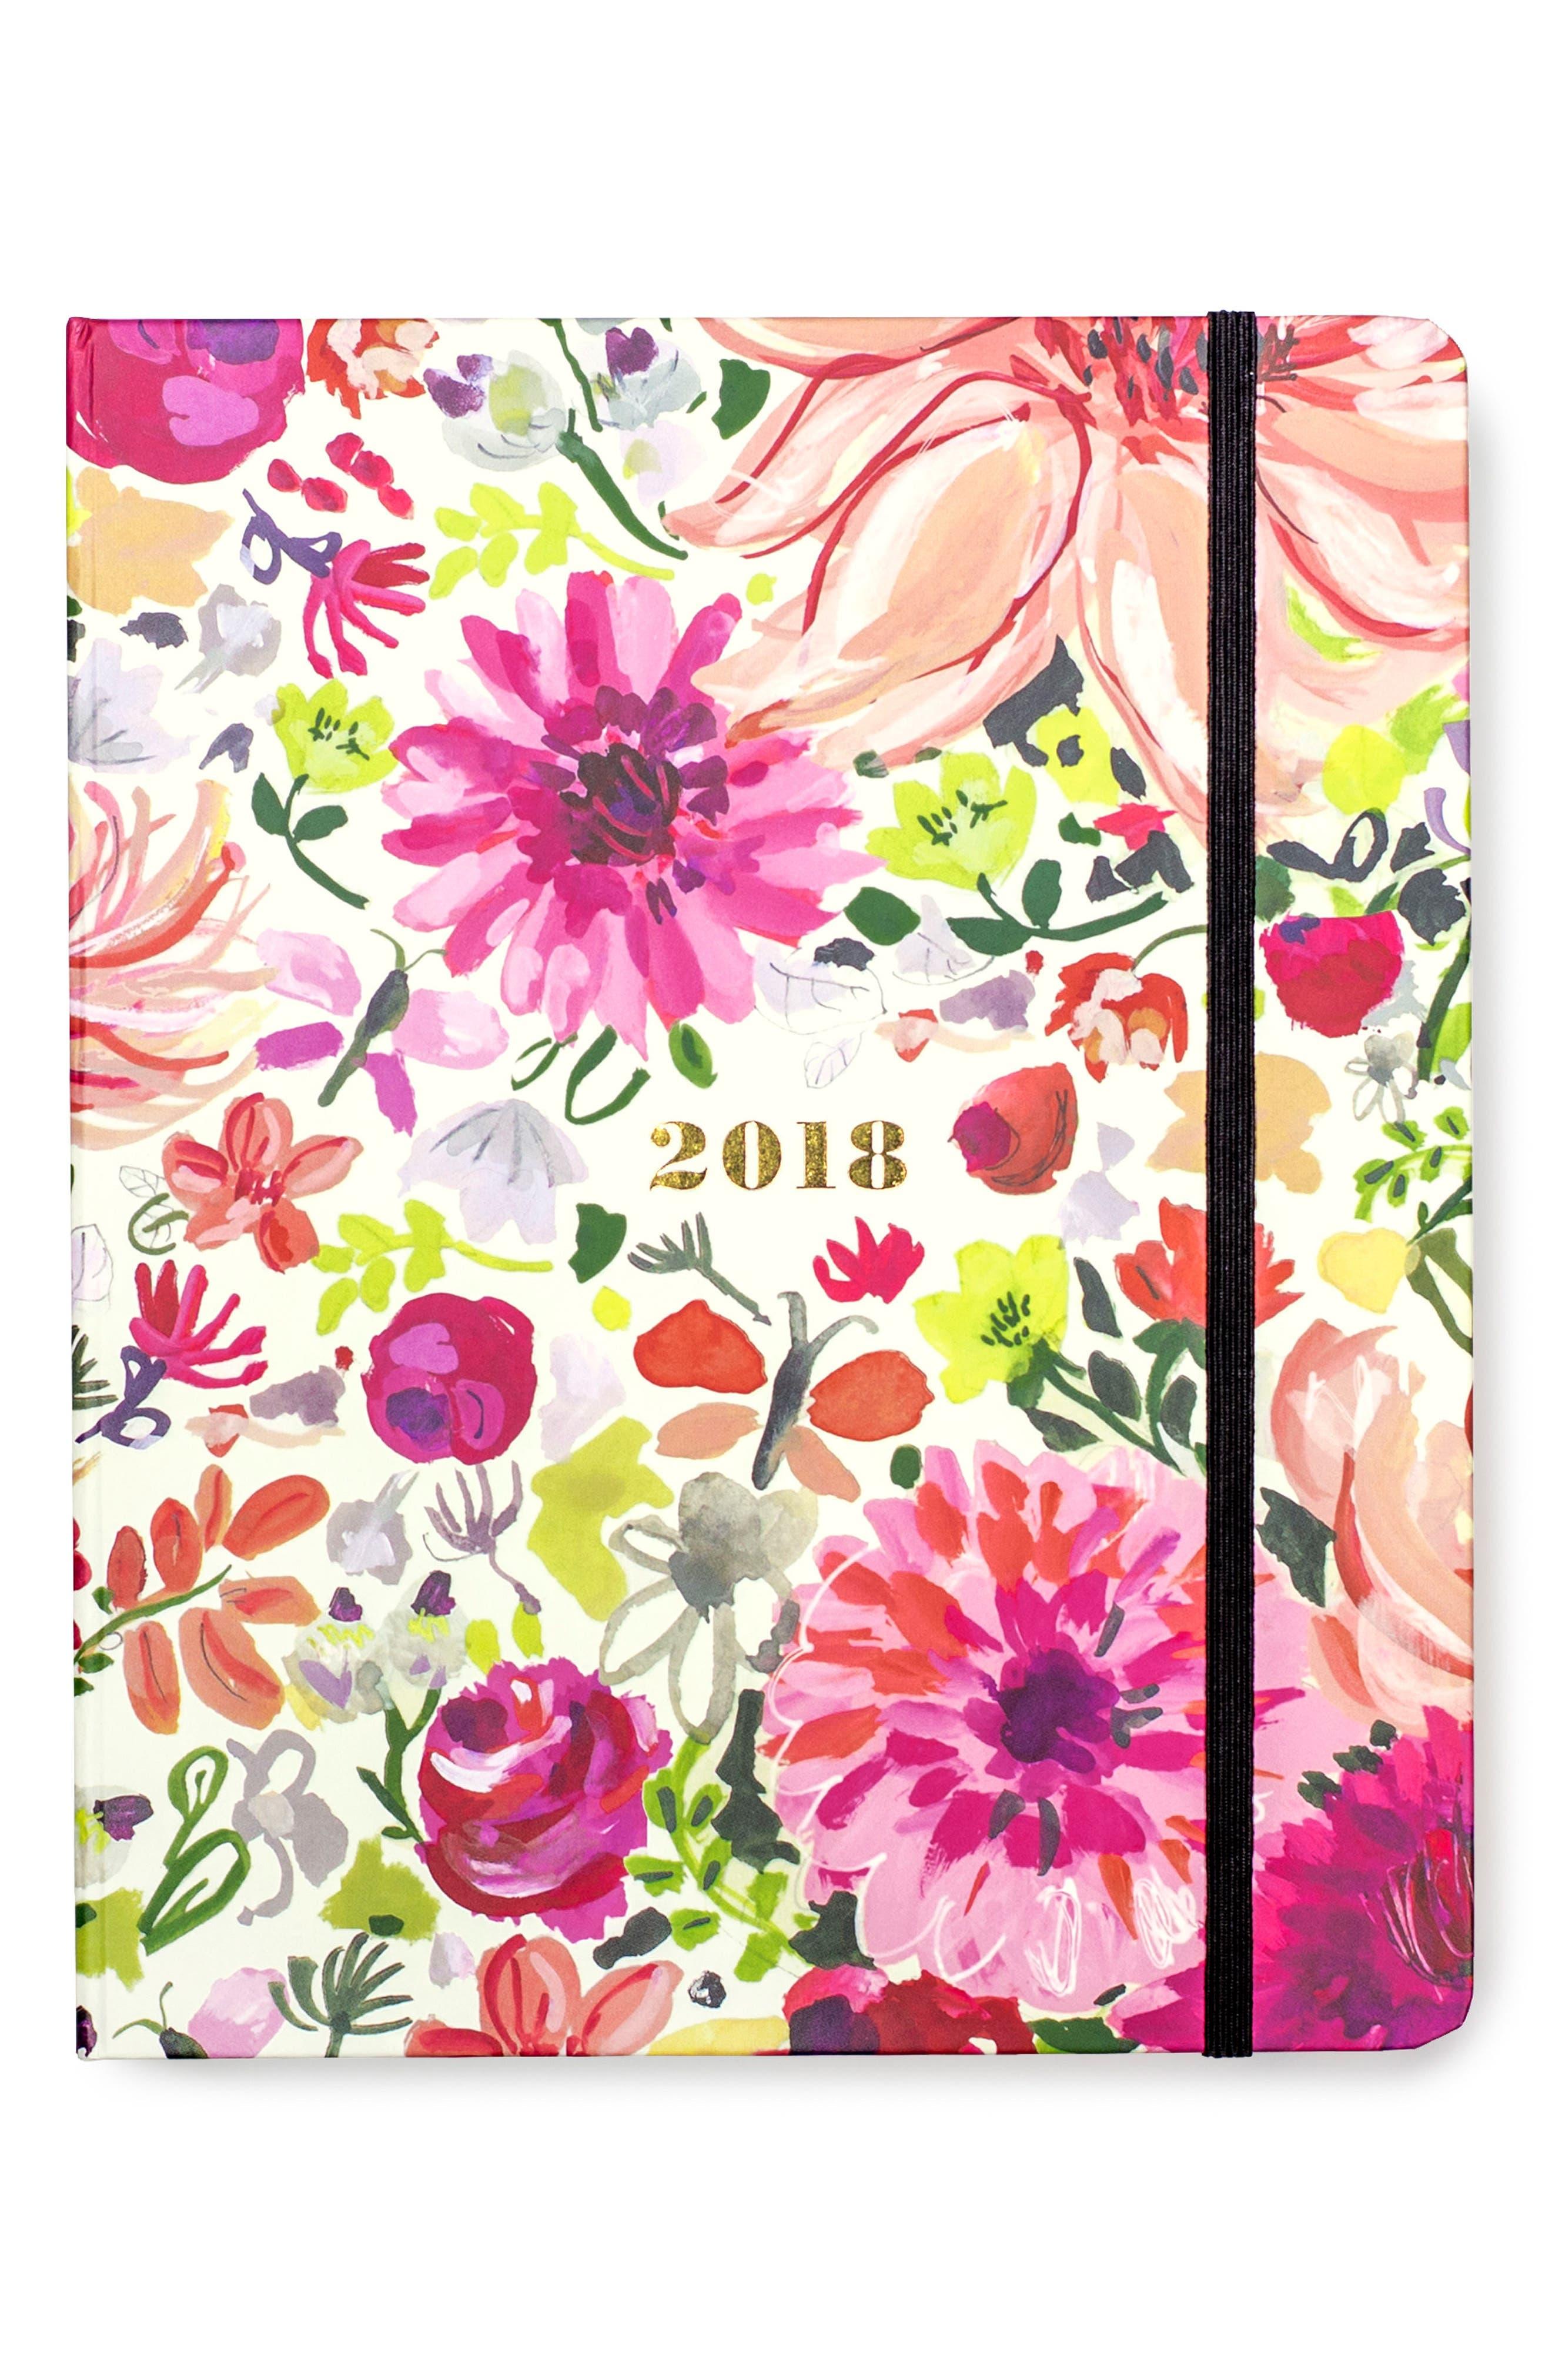 Color art floral wonders - Color Art Floral Wonders 48